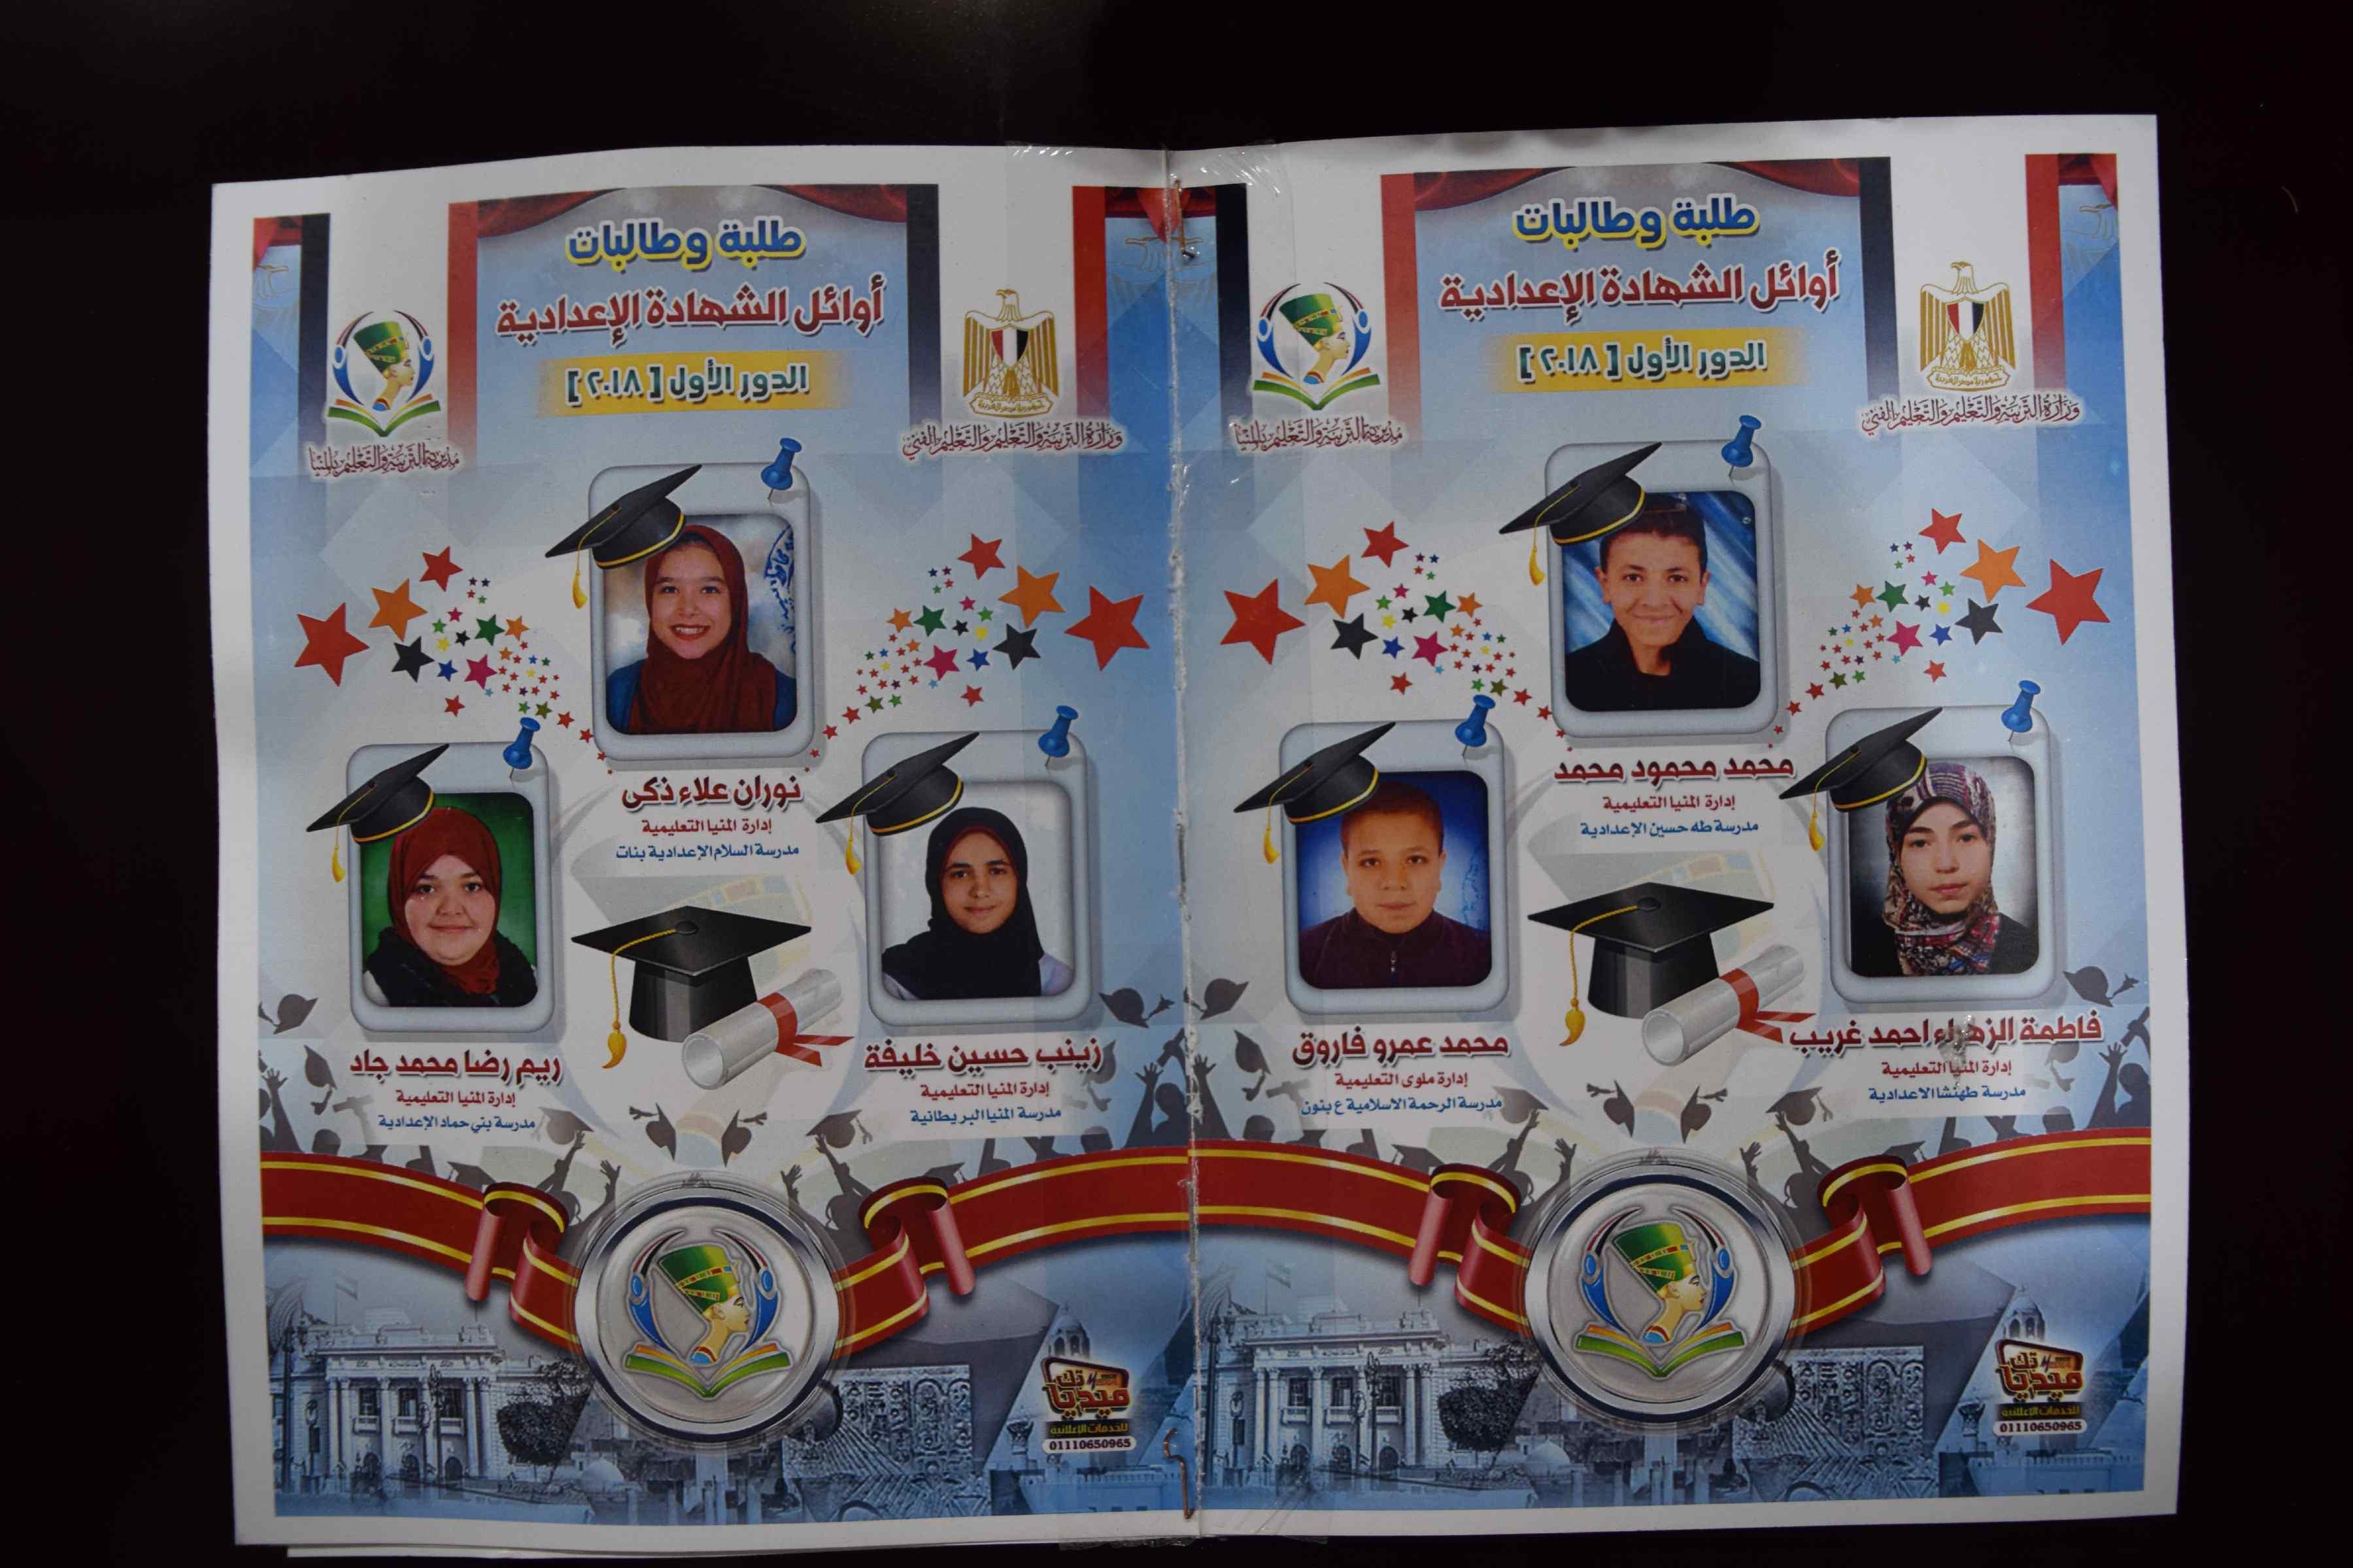 نتيجة الشهادة الابتدائية والإعدادية محافظة المنيا 2019 برقم الجلوس 9